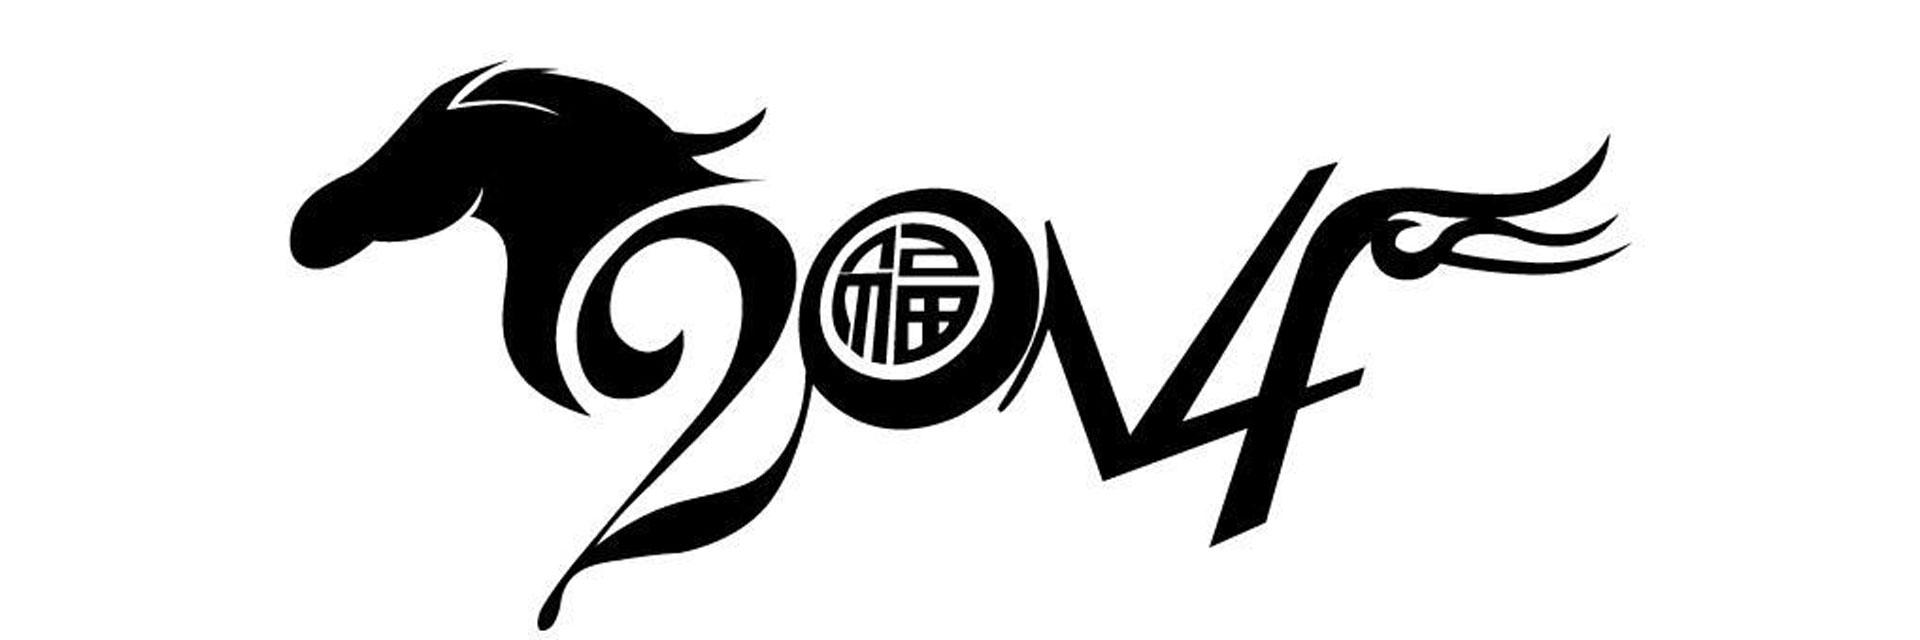 2014, année du Cheval de bois selon l'astrologie chinoise.